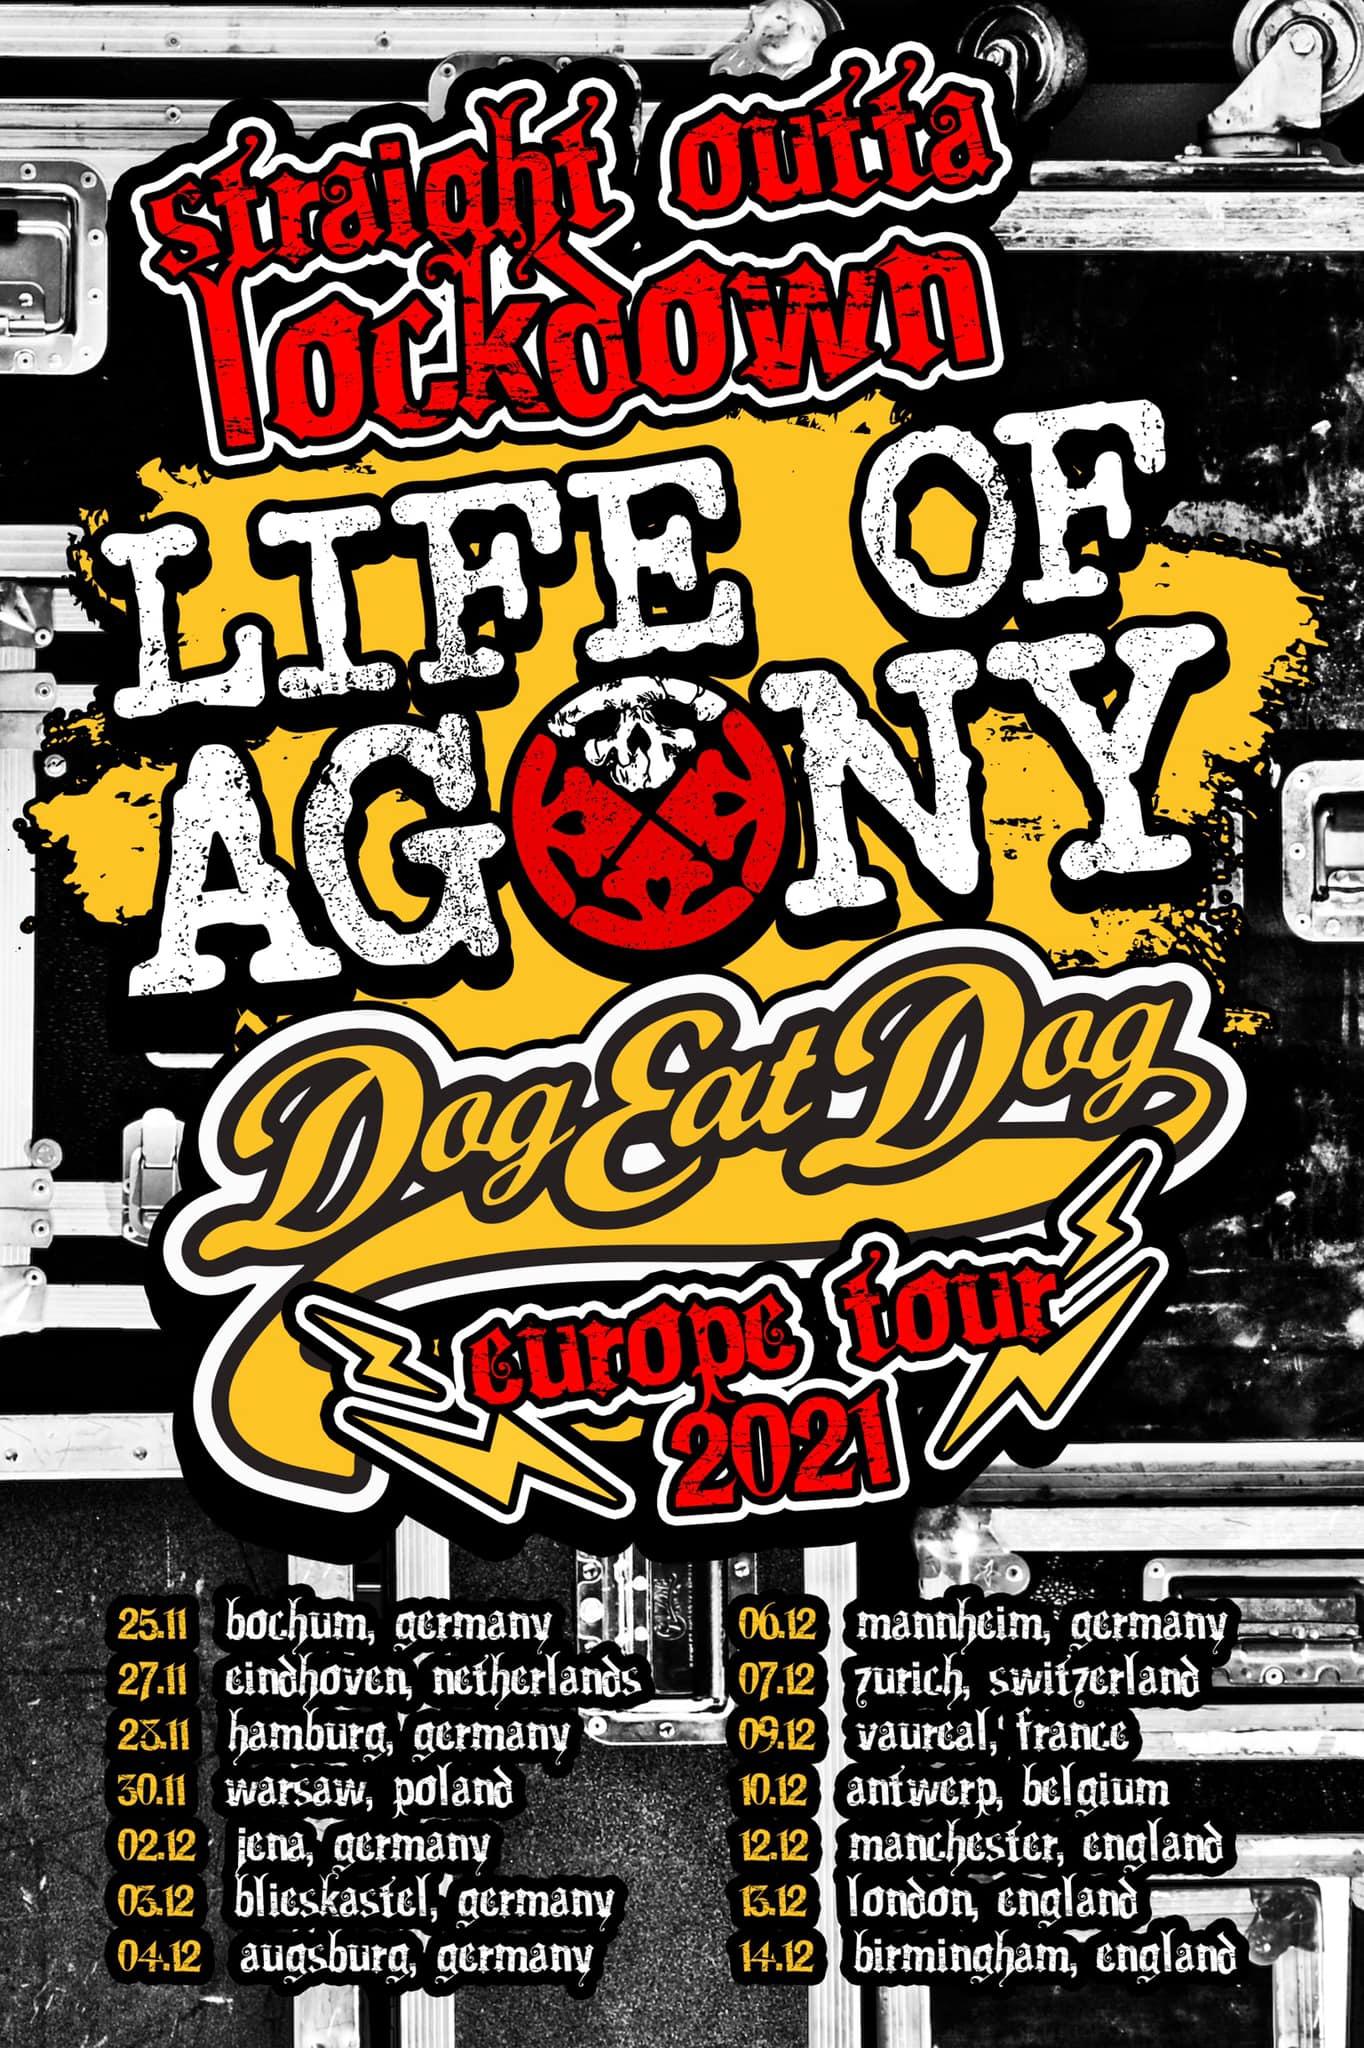 Life Of Agony & Dog Eat Dog - Europa-Tour 2021